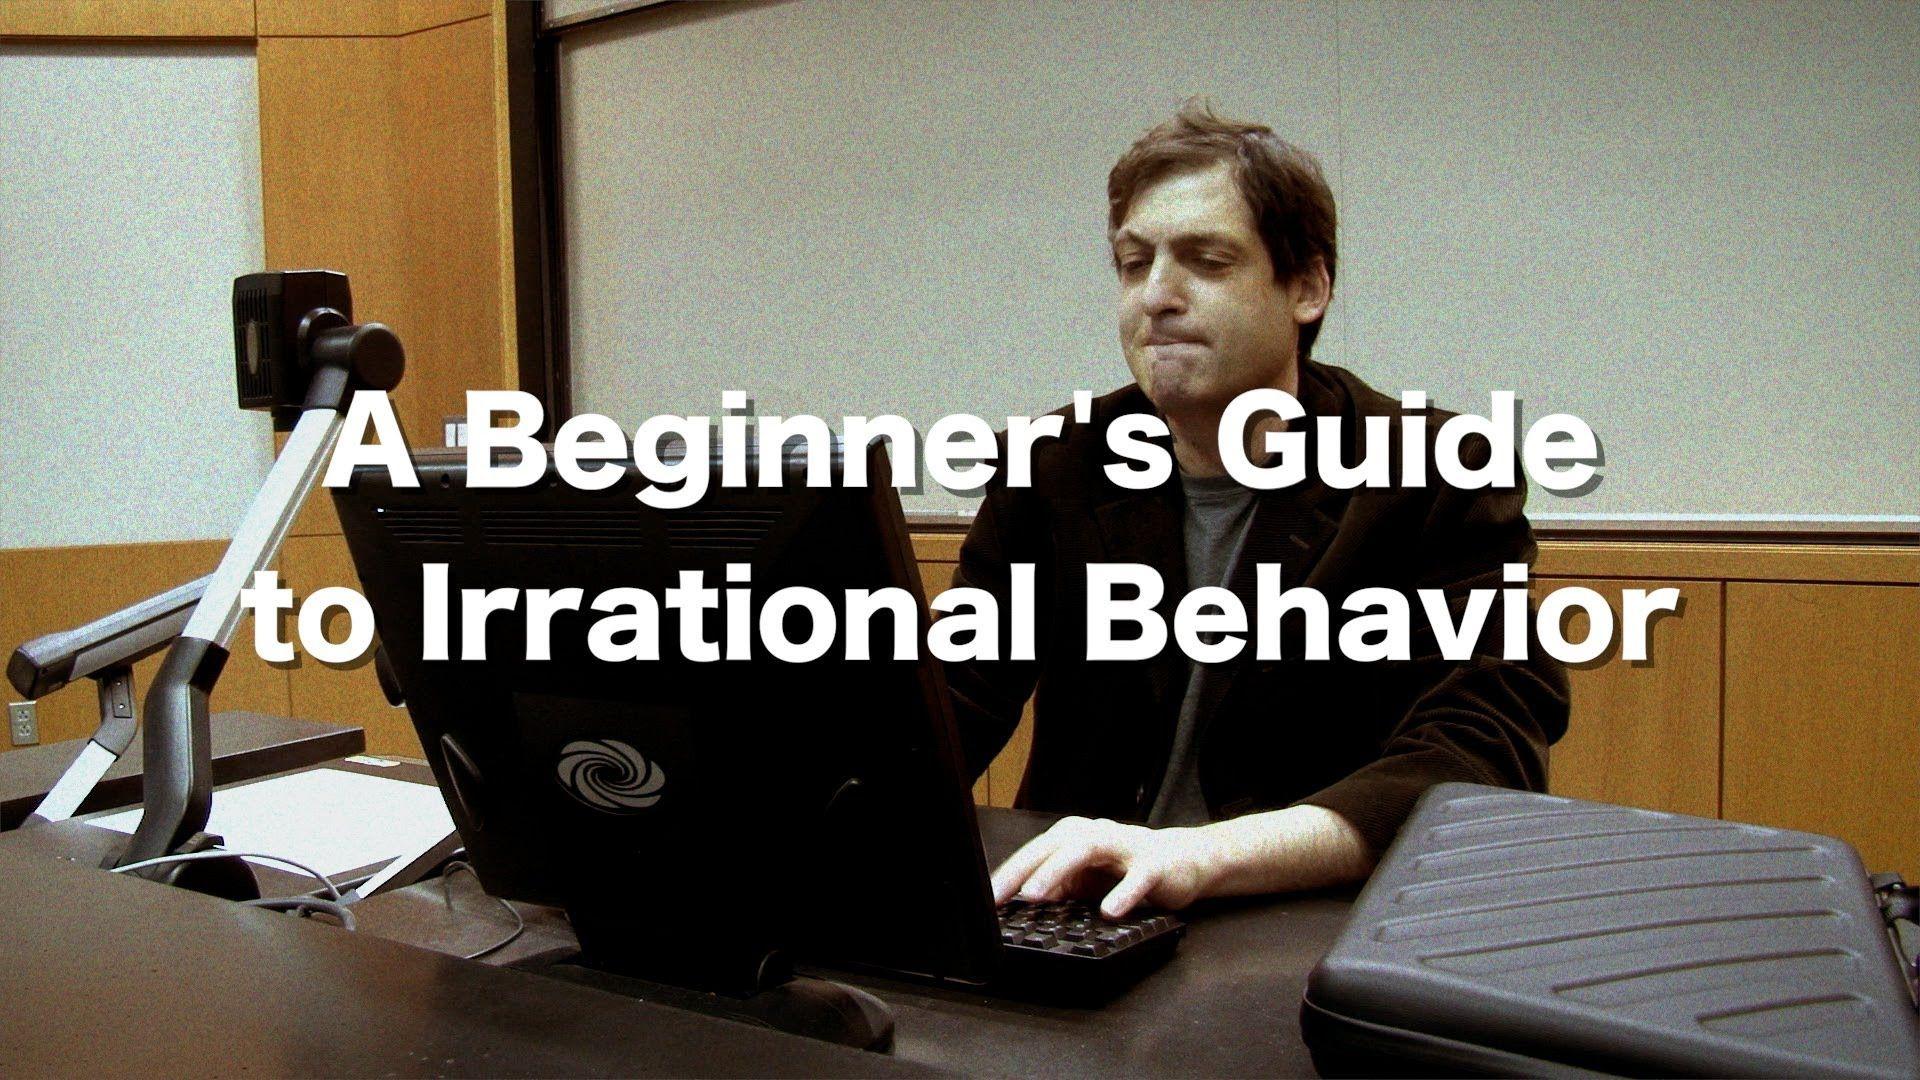 """[學校的學生都不見了?] A Preview to """"A Beginner's Guide to Irrational Behavior"""" http://youtu.be/lUfzzpliUuY 「非修不可」、會「搖滾你的世界」、由知名心理學家 Dan Ariely 教授的怪誕行為學: A beginner's guide to irrational behavior。 和 Feynman Liang 一樣充分利用 MOOC 開拓你的未來吧!哞~。"""